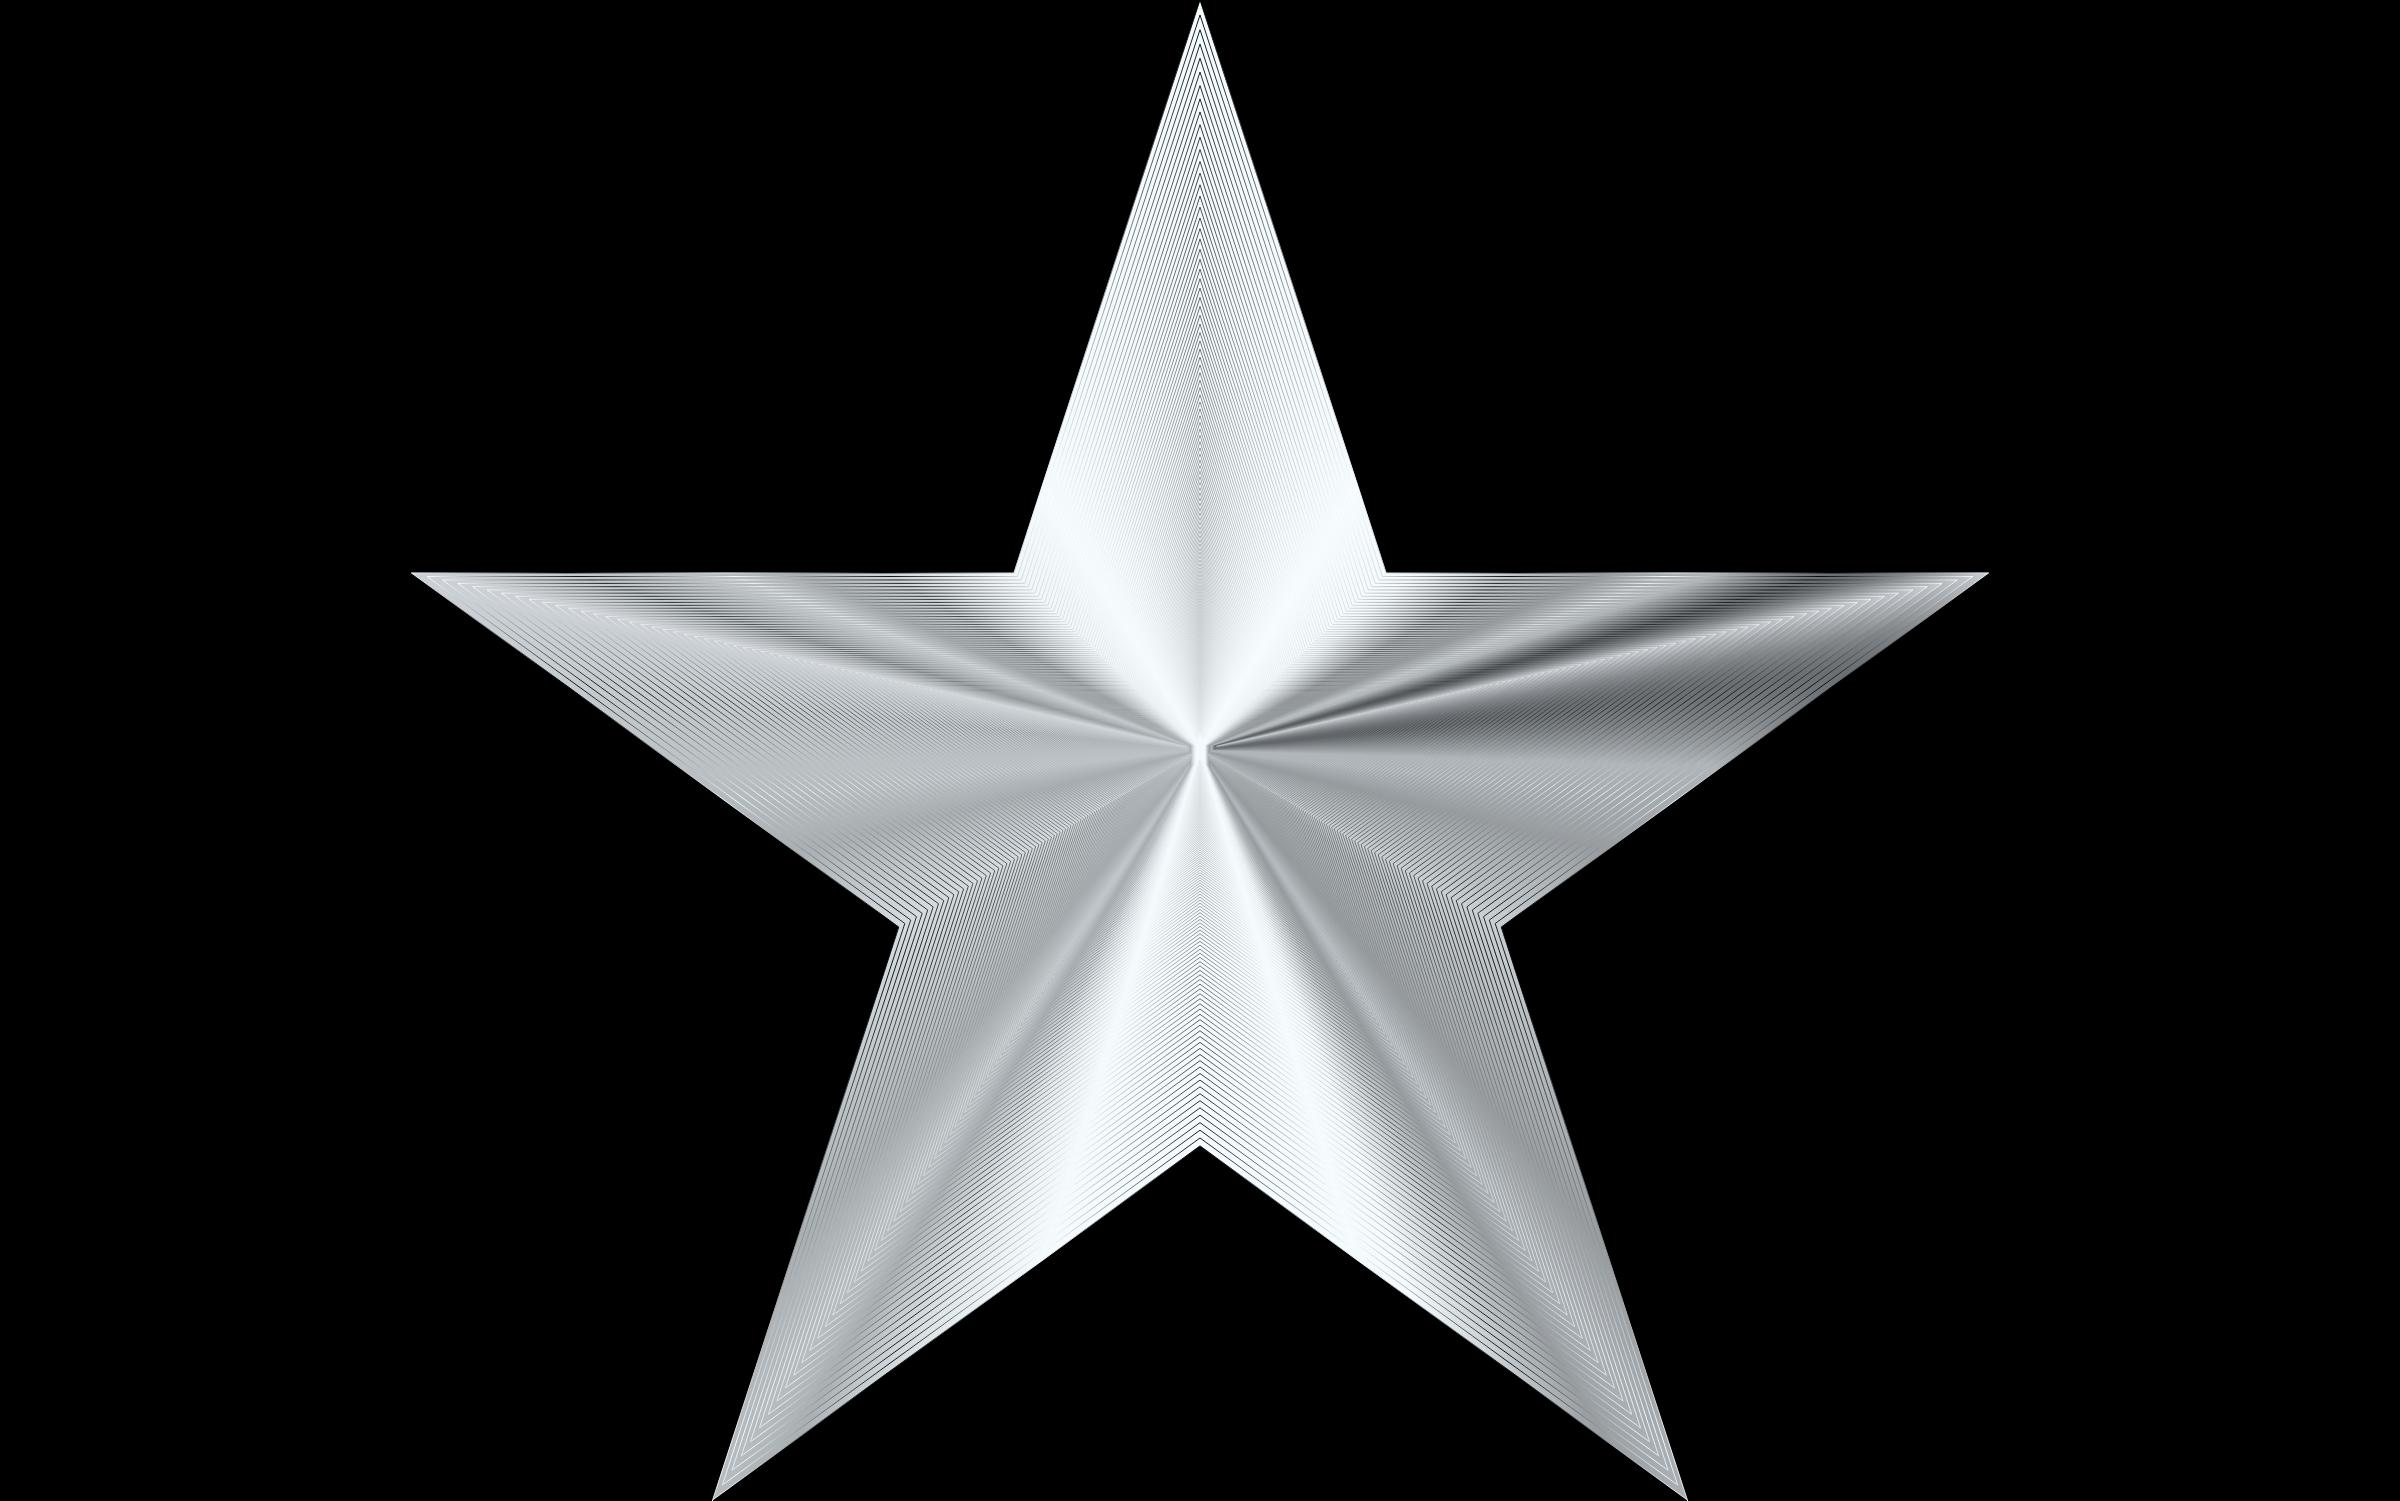 Silver Star by GDJ